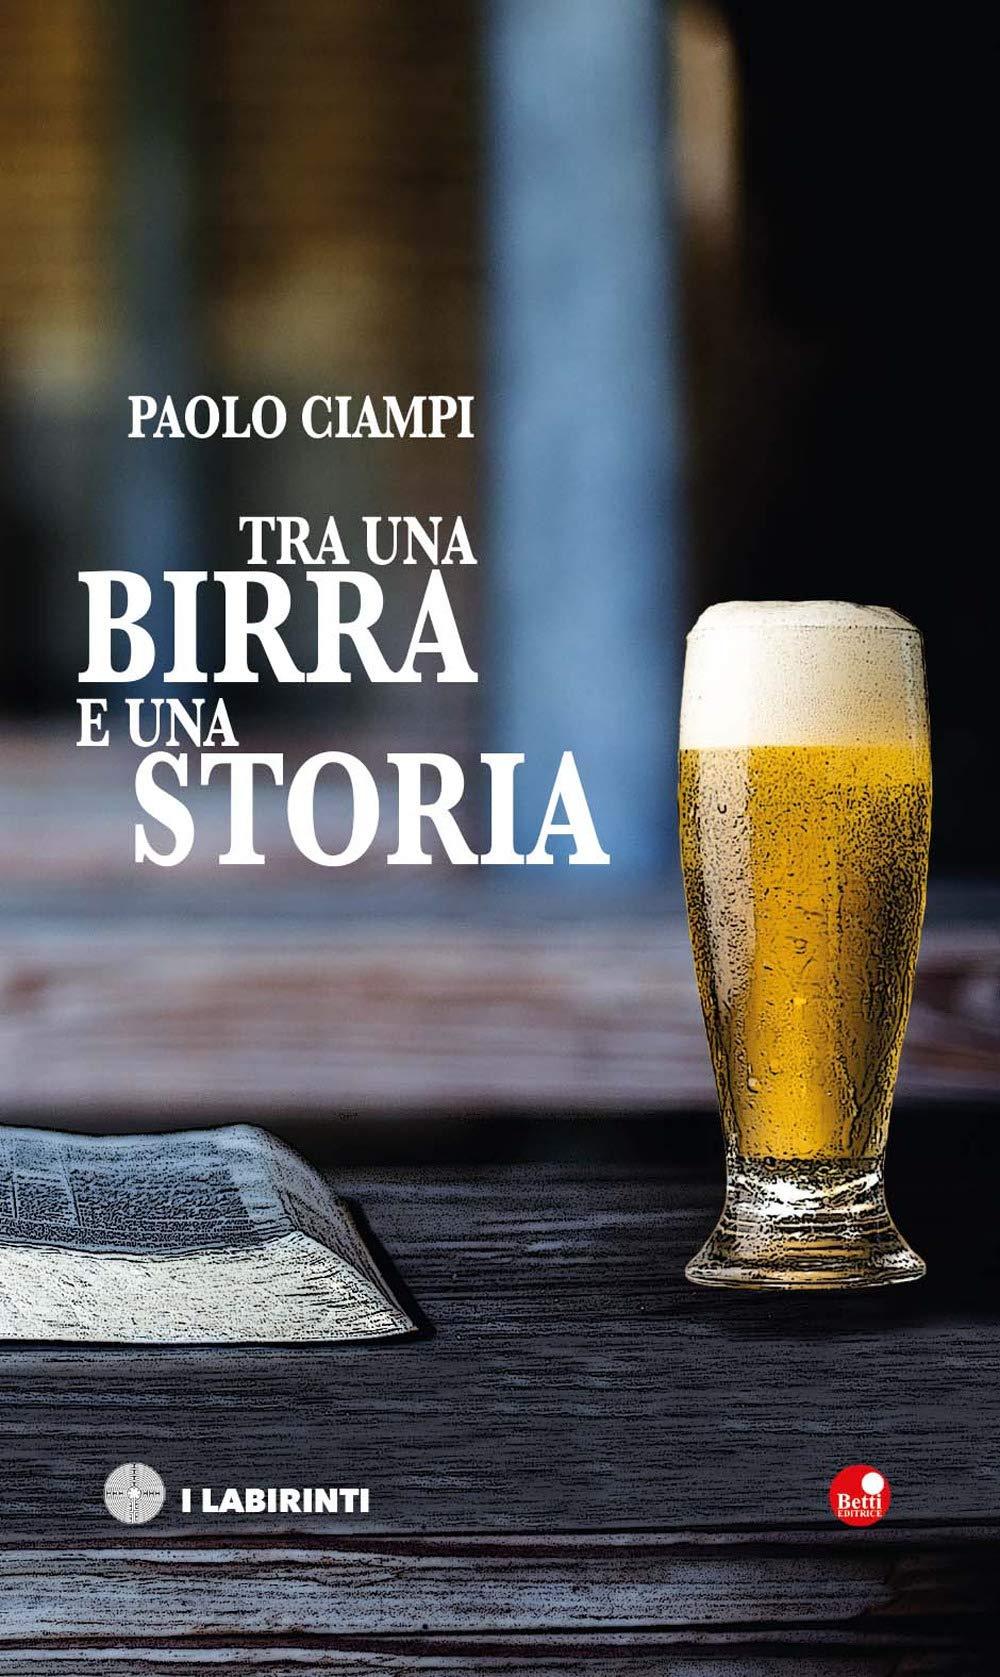 Amazon.it: Tra una birra e una storia - Ciampi, Paolo - Libri